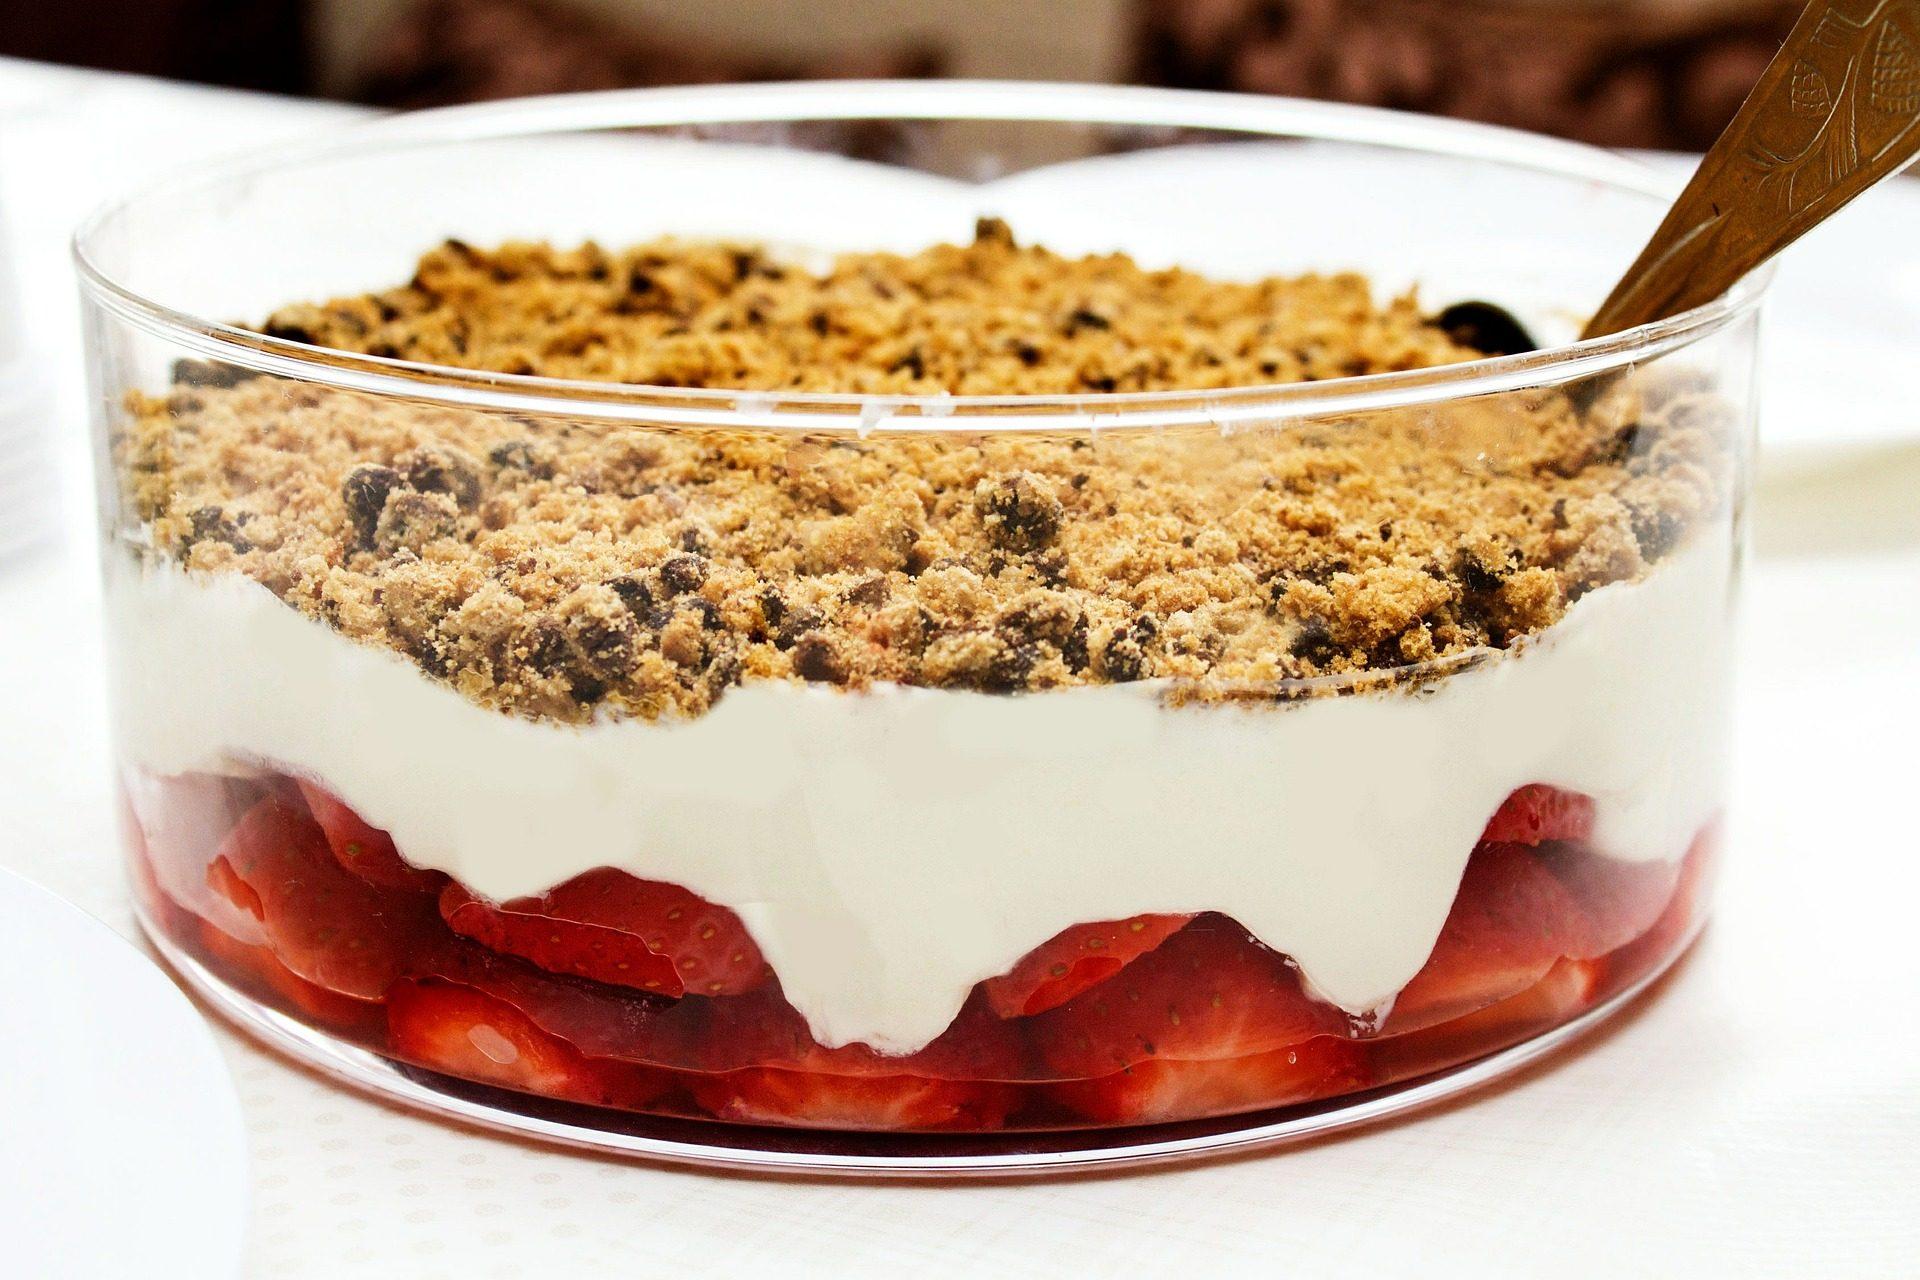 postre, dulce, fresas, muesli, crema, tarta - Fondos de Pantalla HD - professor-falken.com